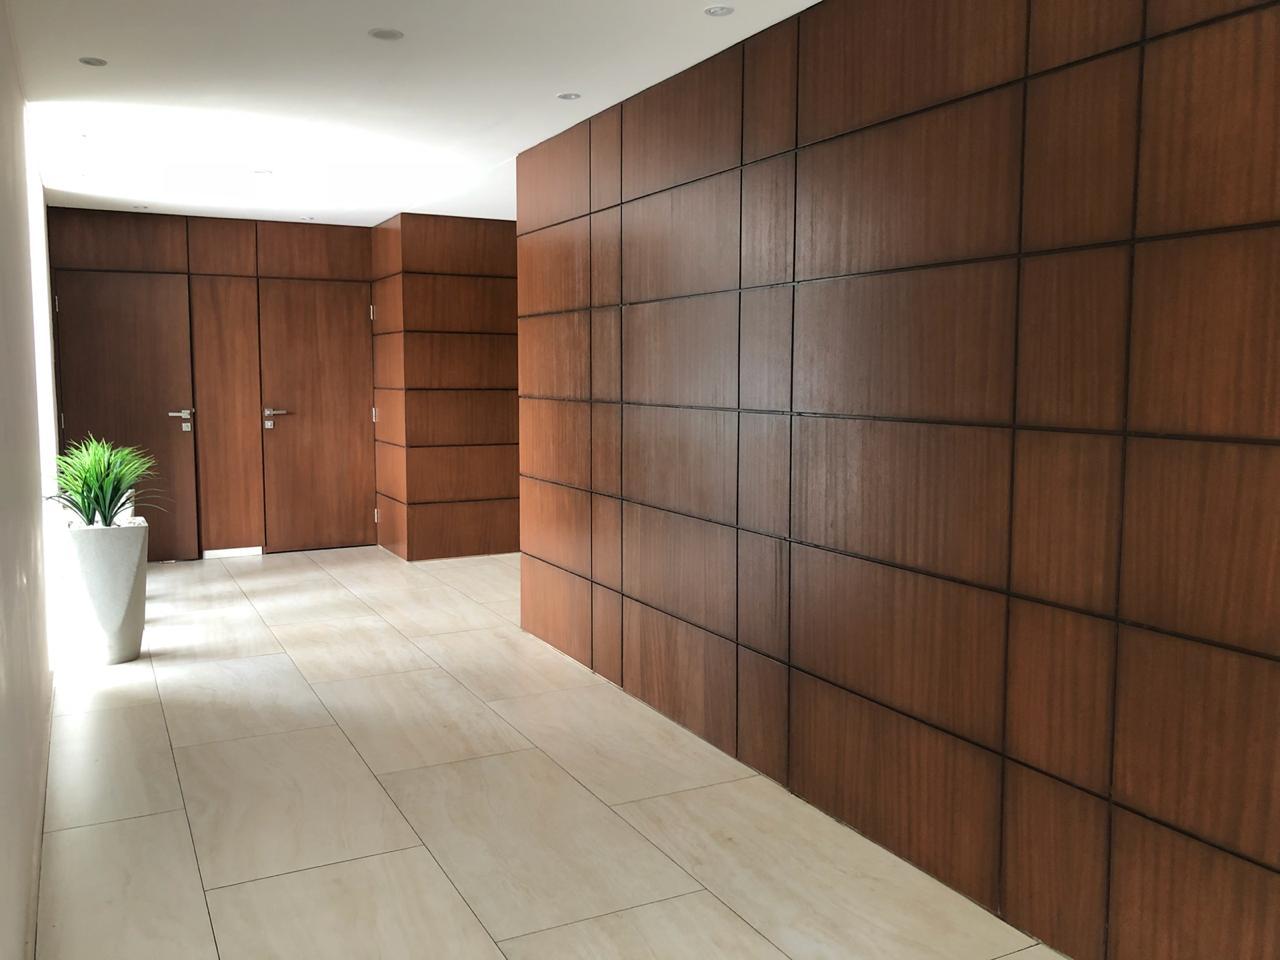 Departamento en Venta DEPARTAMENTO EN VENTA, CONDOMINIO PANORAMA CONCEPTS. Foto 14